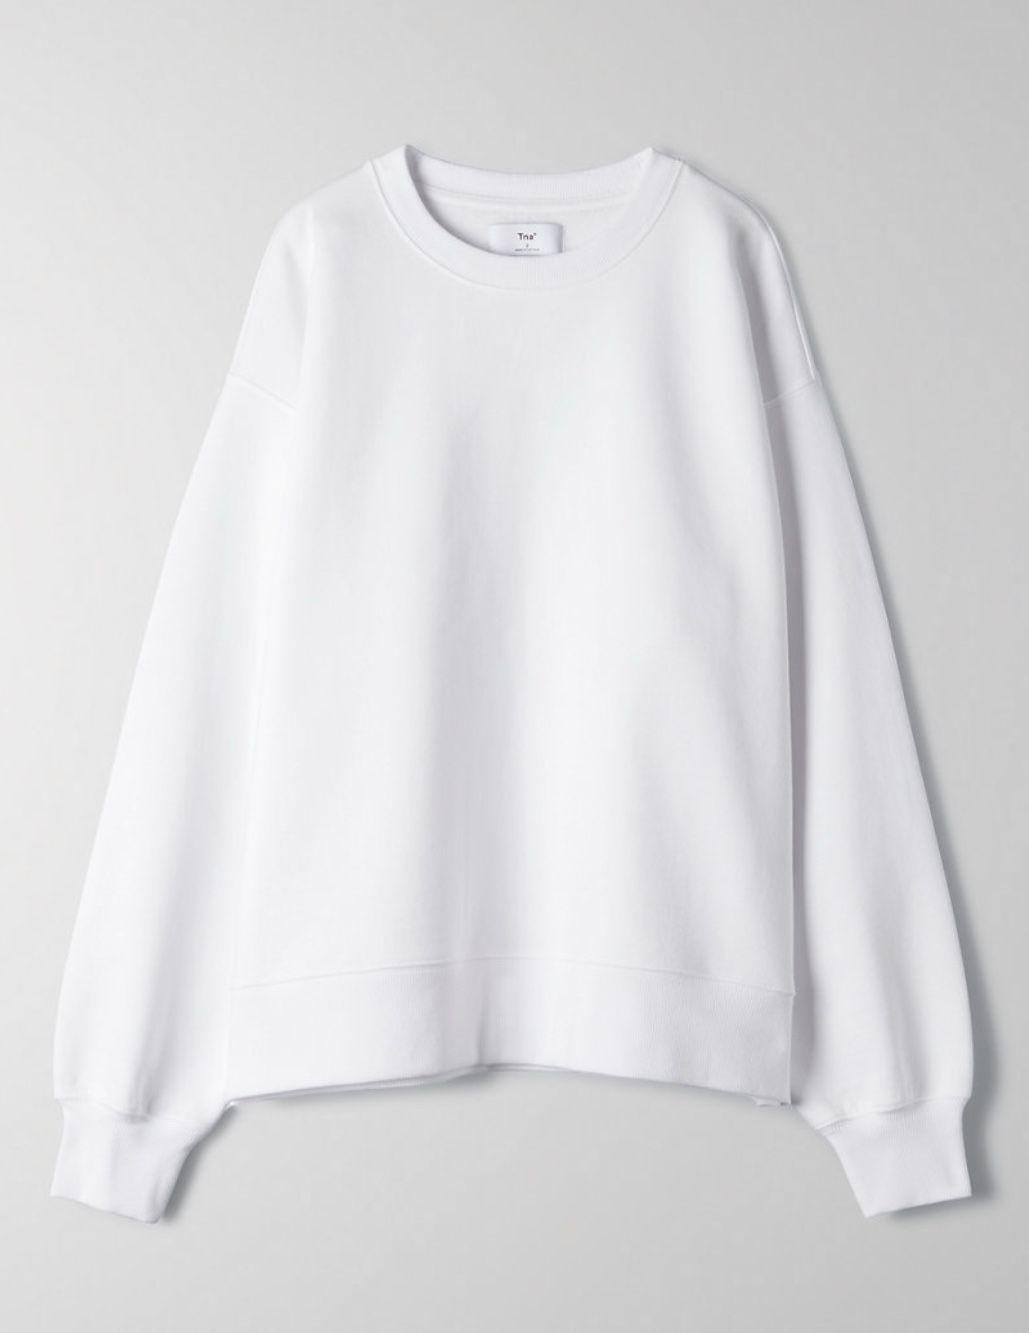 Cozyaf Boyfriend Crew Sweatshirt Baggy Sweatshirts Sweatshirts Crewneck Outfit [ 1333 x 1029 Pixel ]